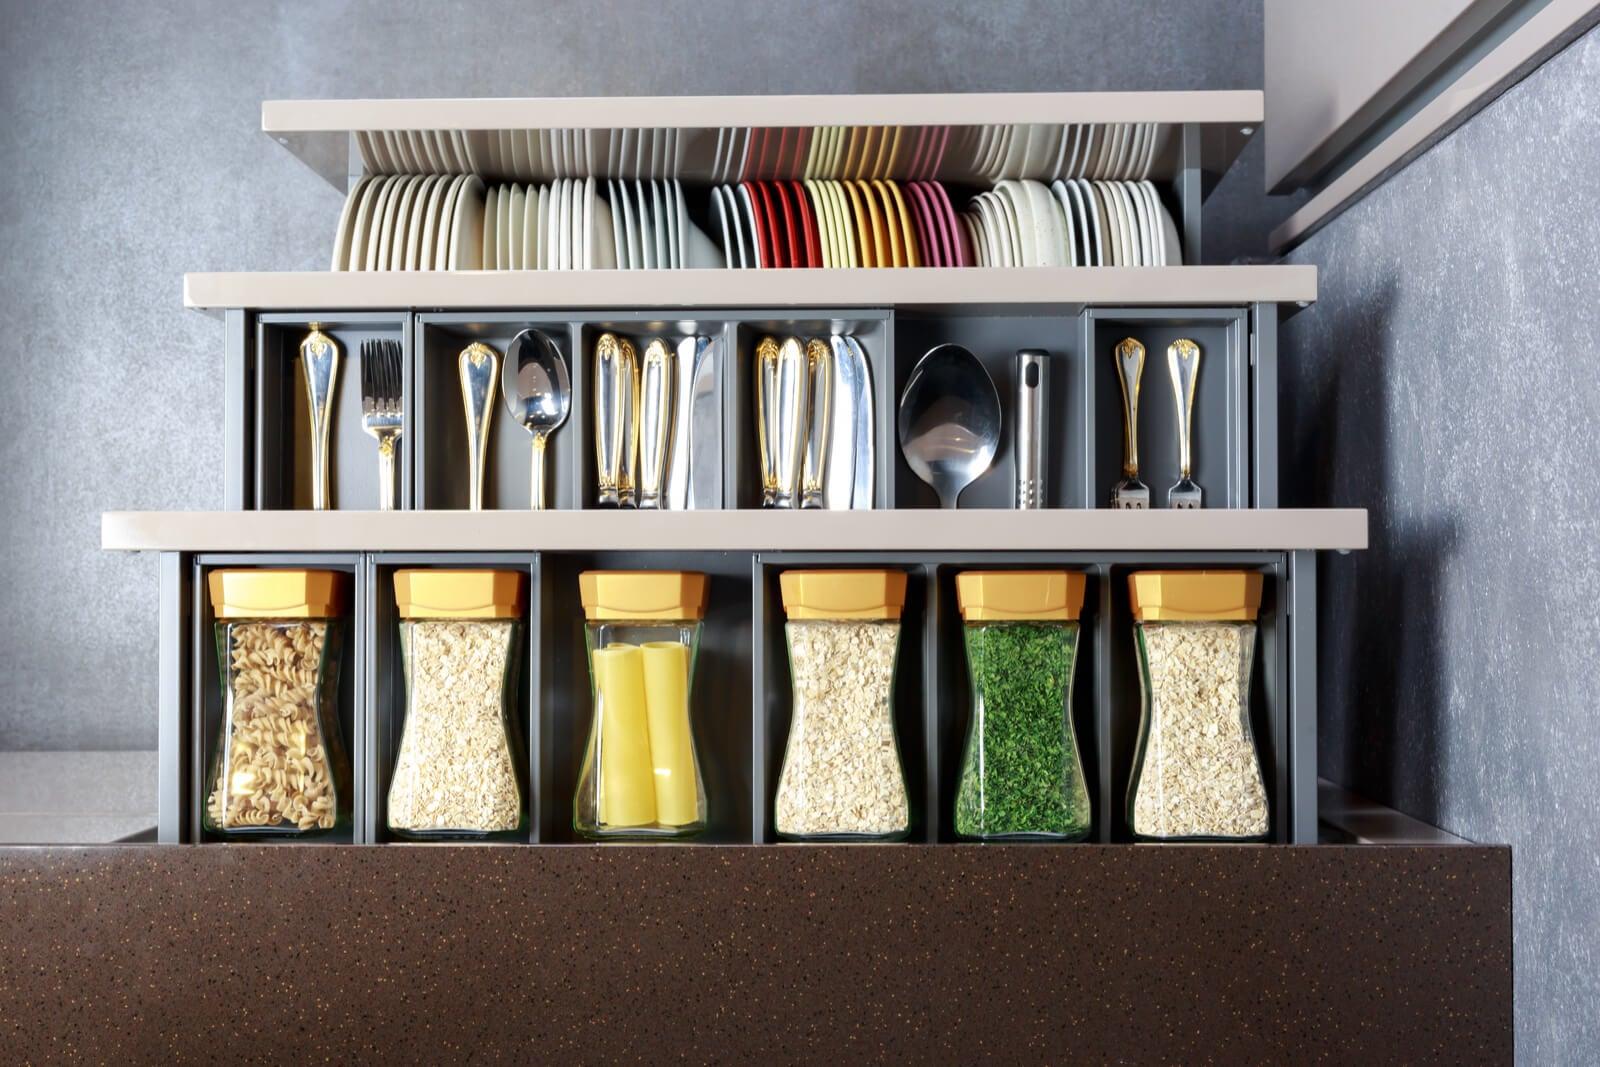 整理整頓 収納のための3つの役立ちアイディア